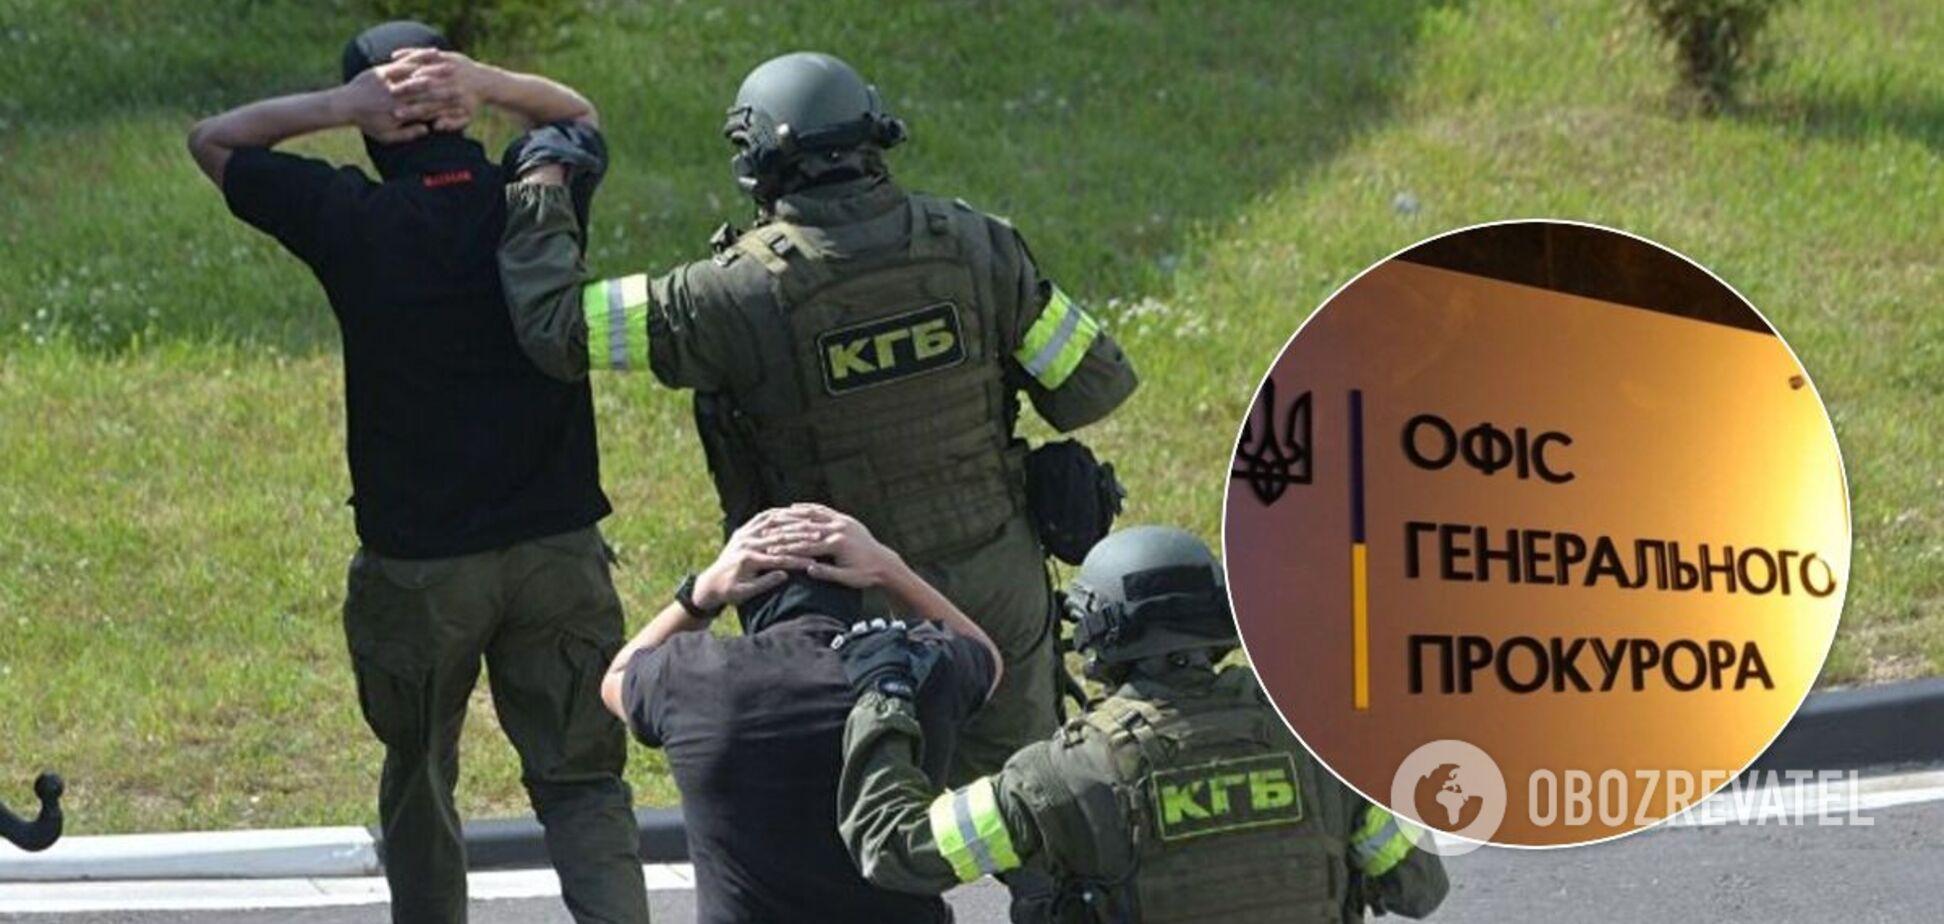 Білорусь отримала запит ОГП щодо вагнерівців